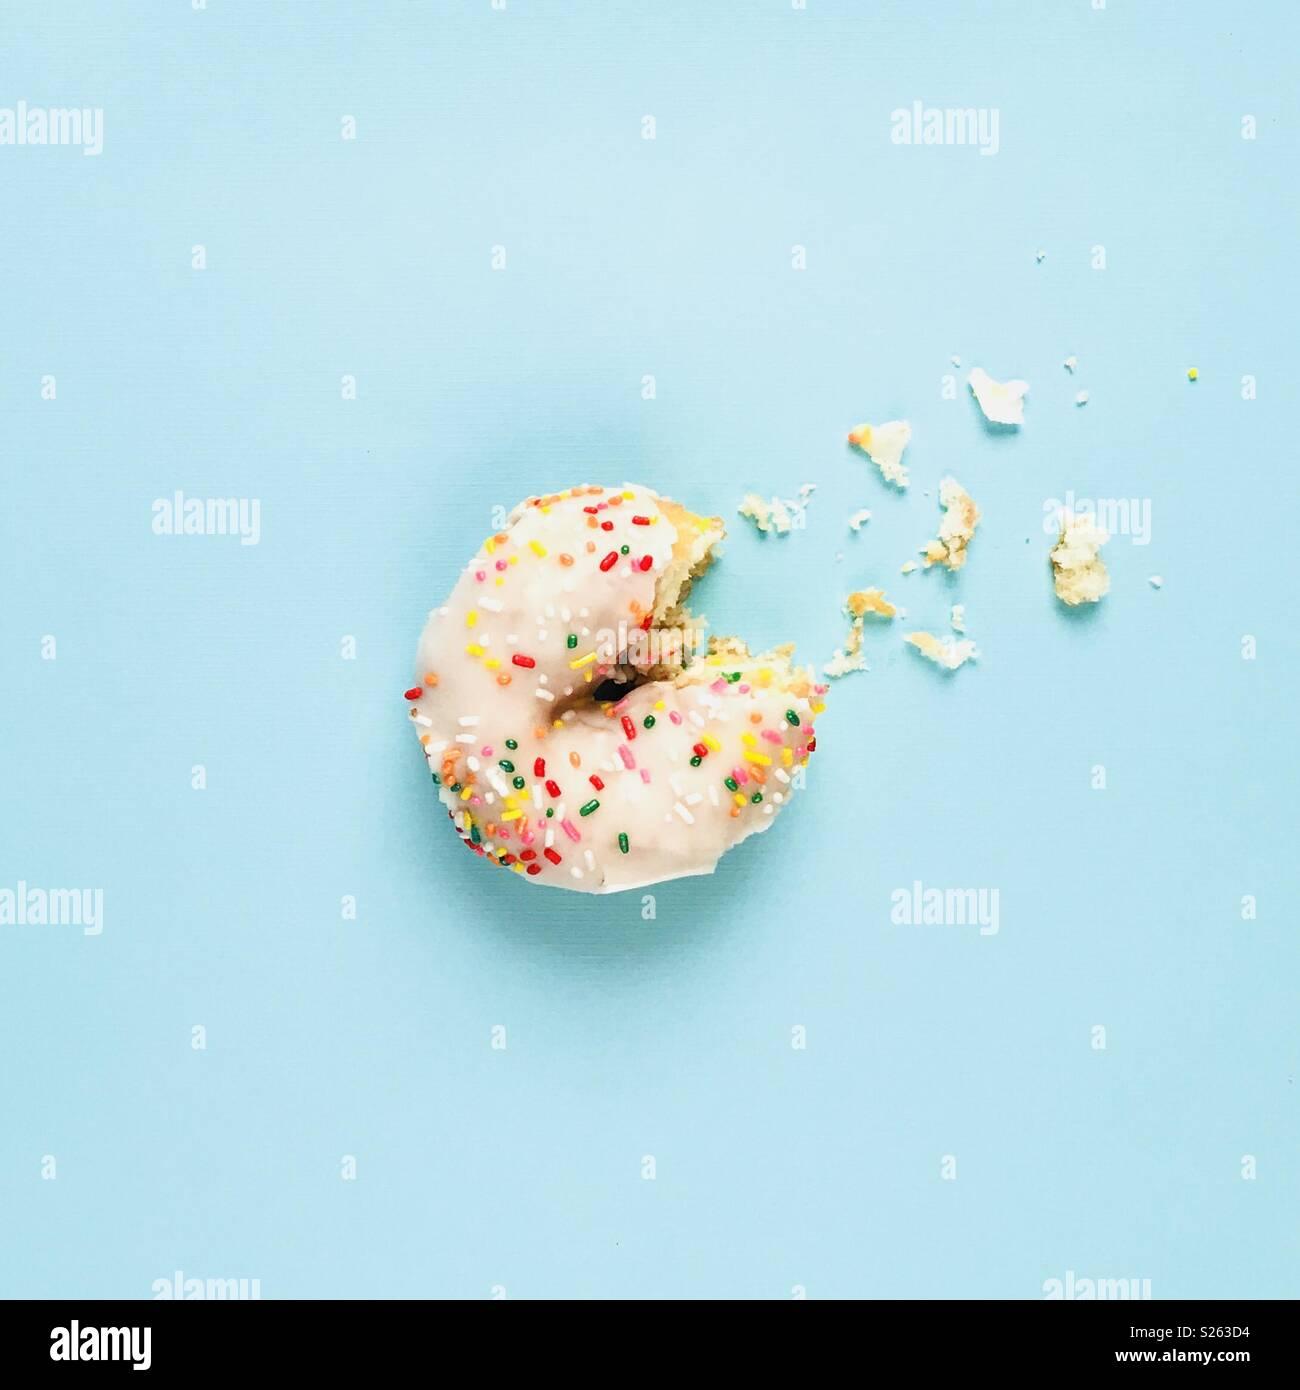 Espolvoree blanco donut con una mordida fuera de ella en un fondo azul. Imagen De Stock